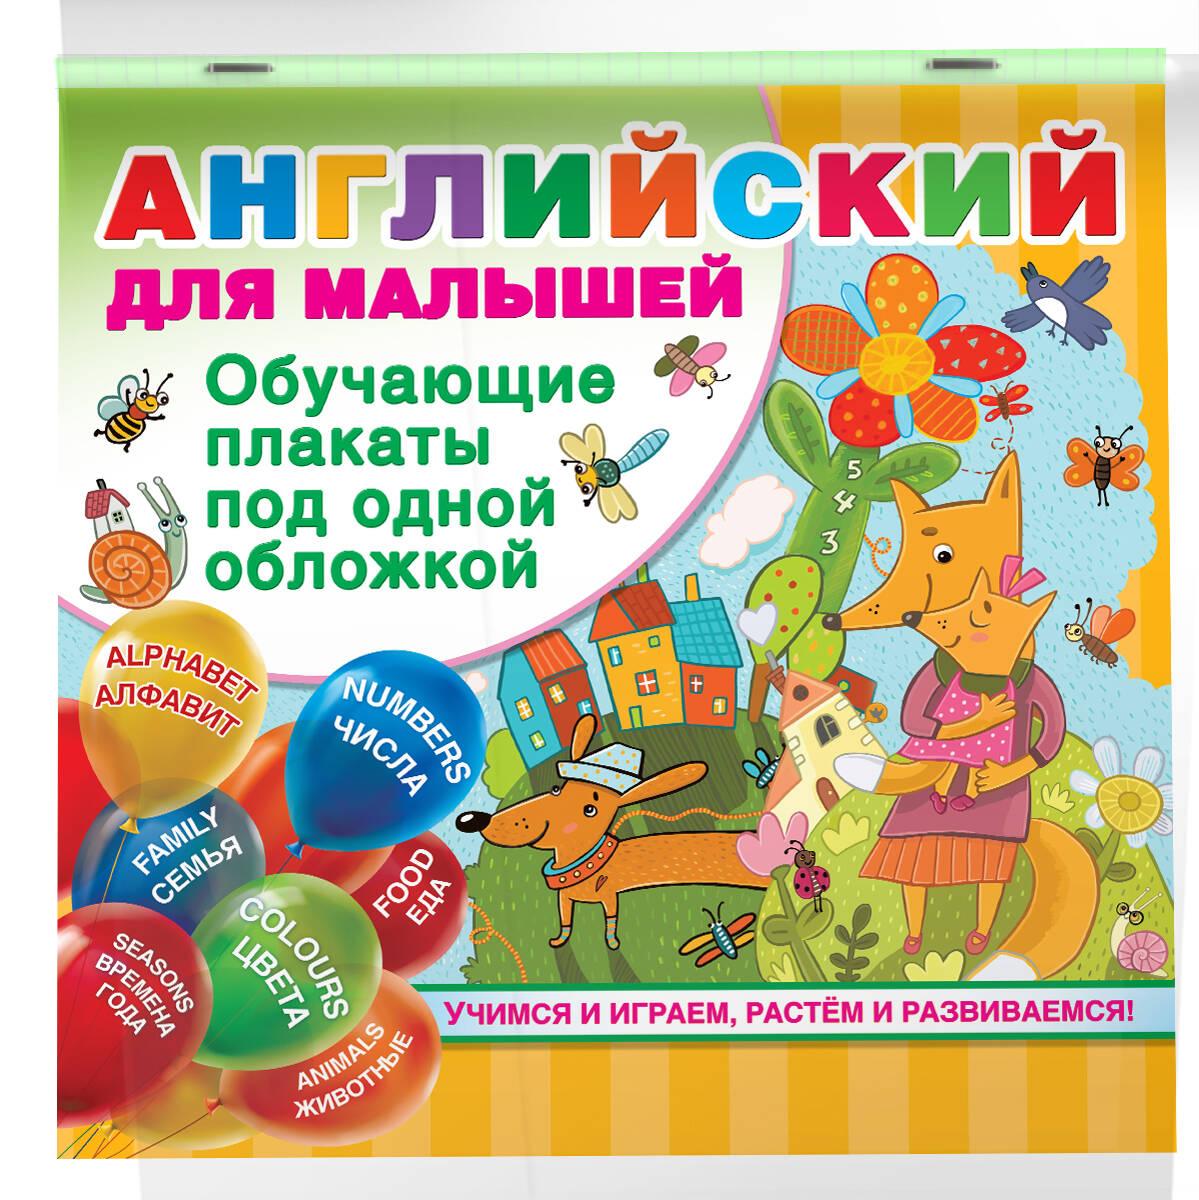 Дмитриева В.Г. Английский для малышей. Все обучающие плакаты под одной обложкой английский алфавит для малышей многоразовый плакат